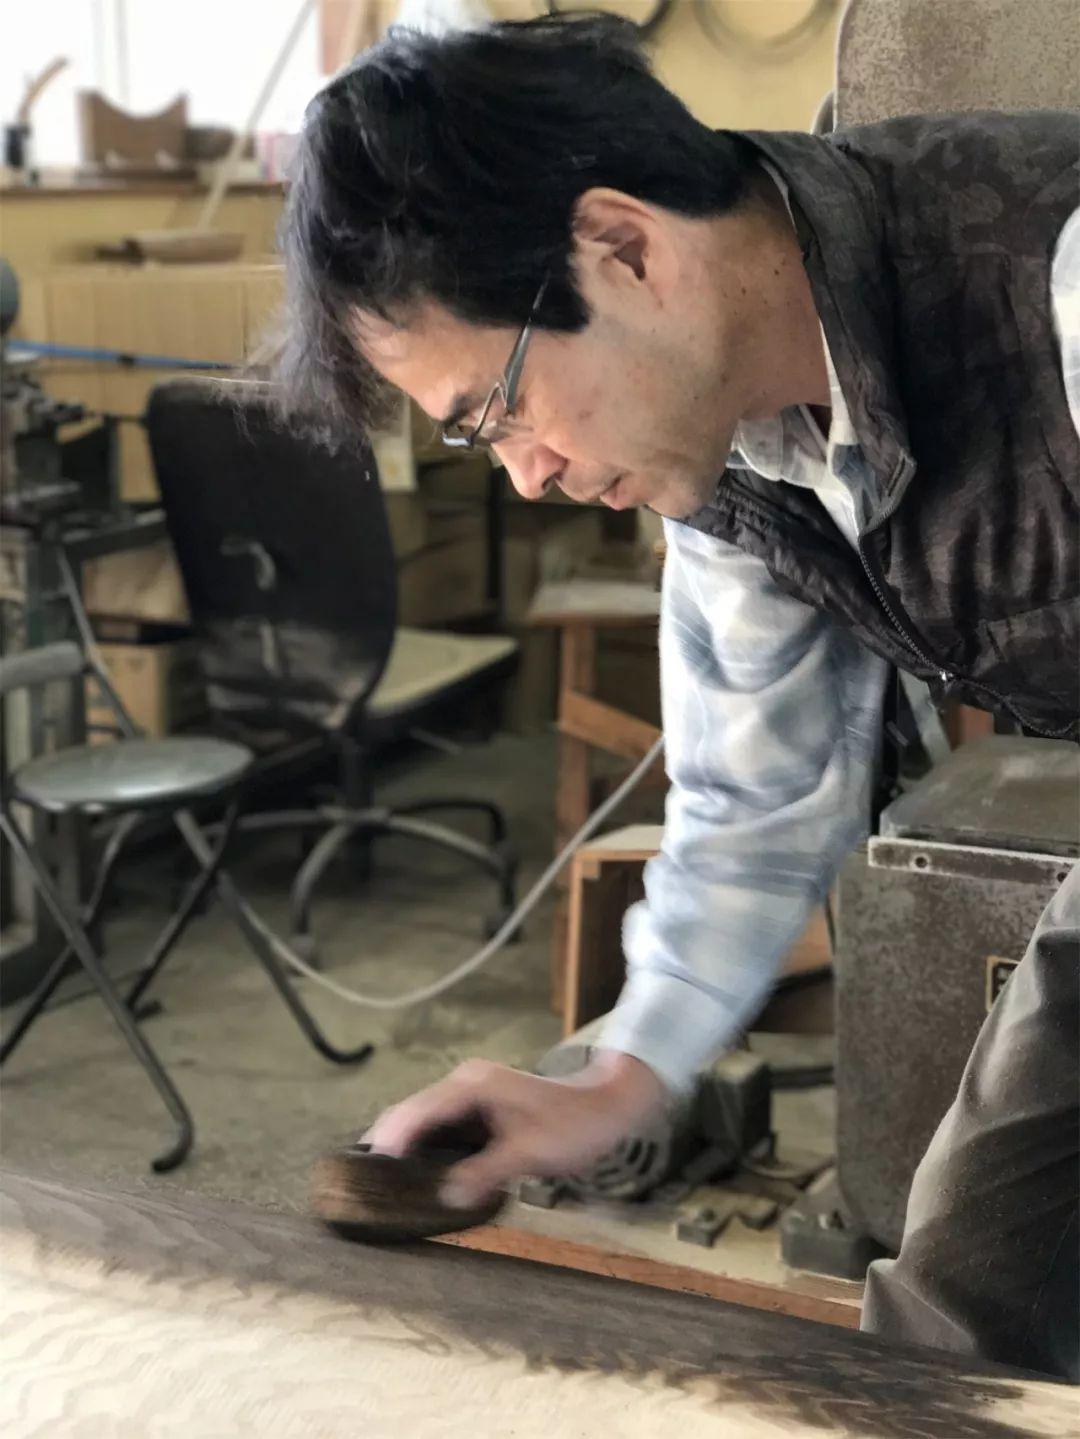 用日本傳統工藝打開中國古箏市場的第一人丨日本光安琴製造株式會社的世紀回眸